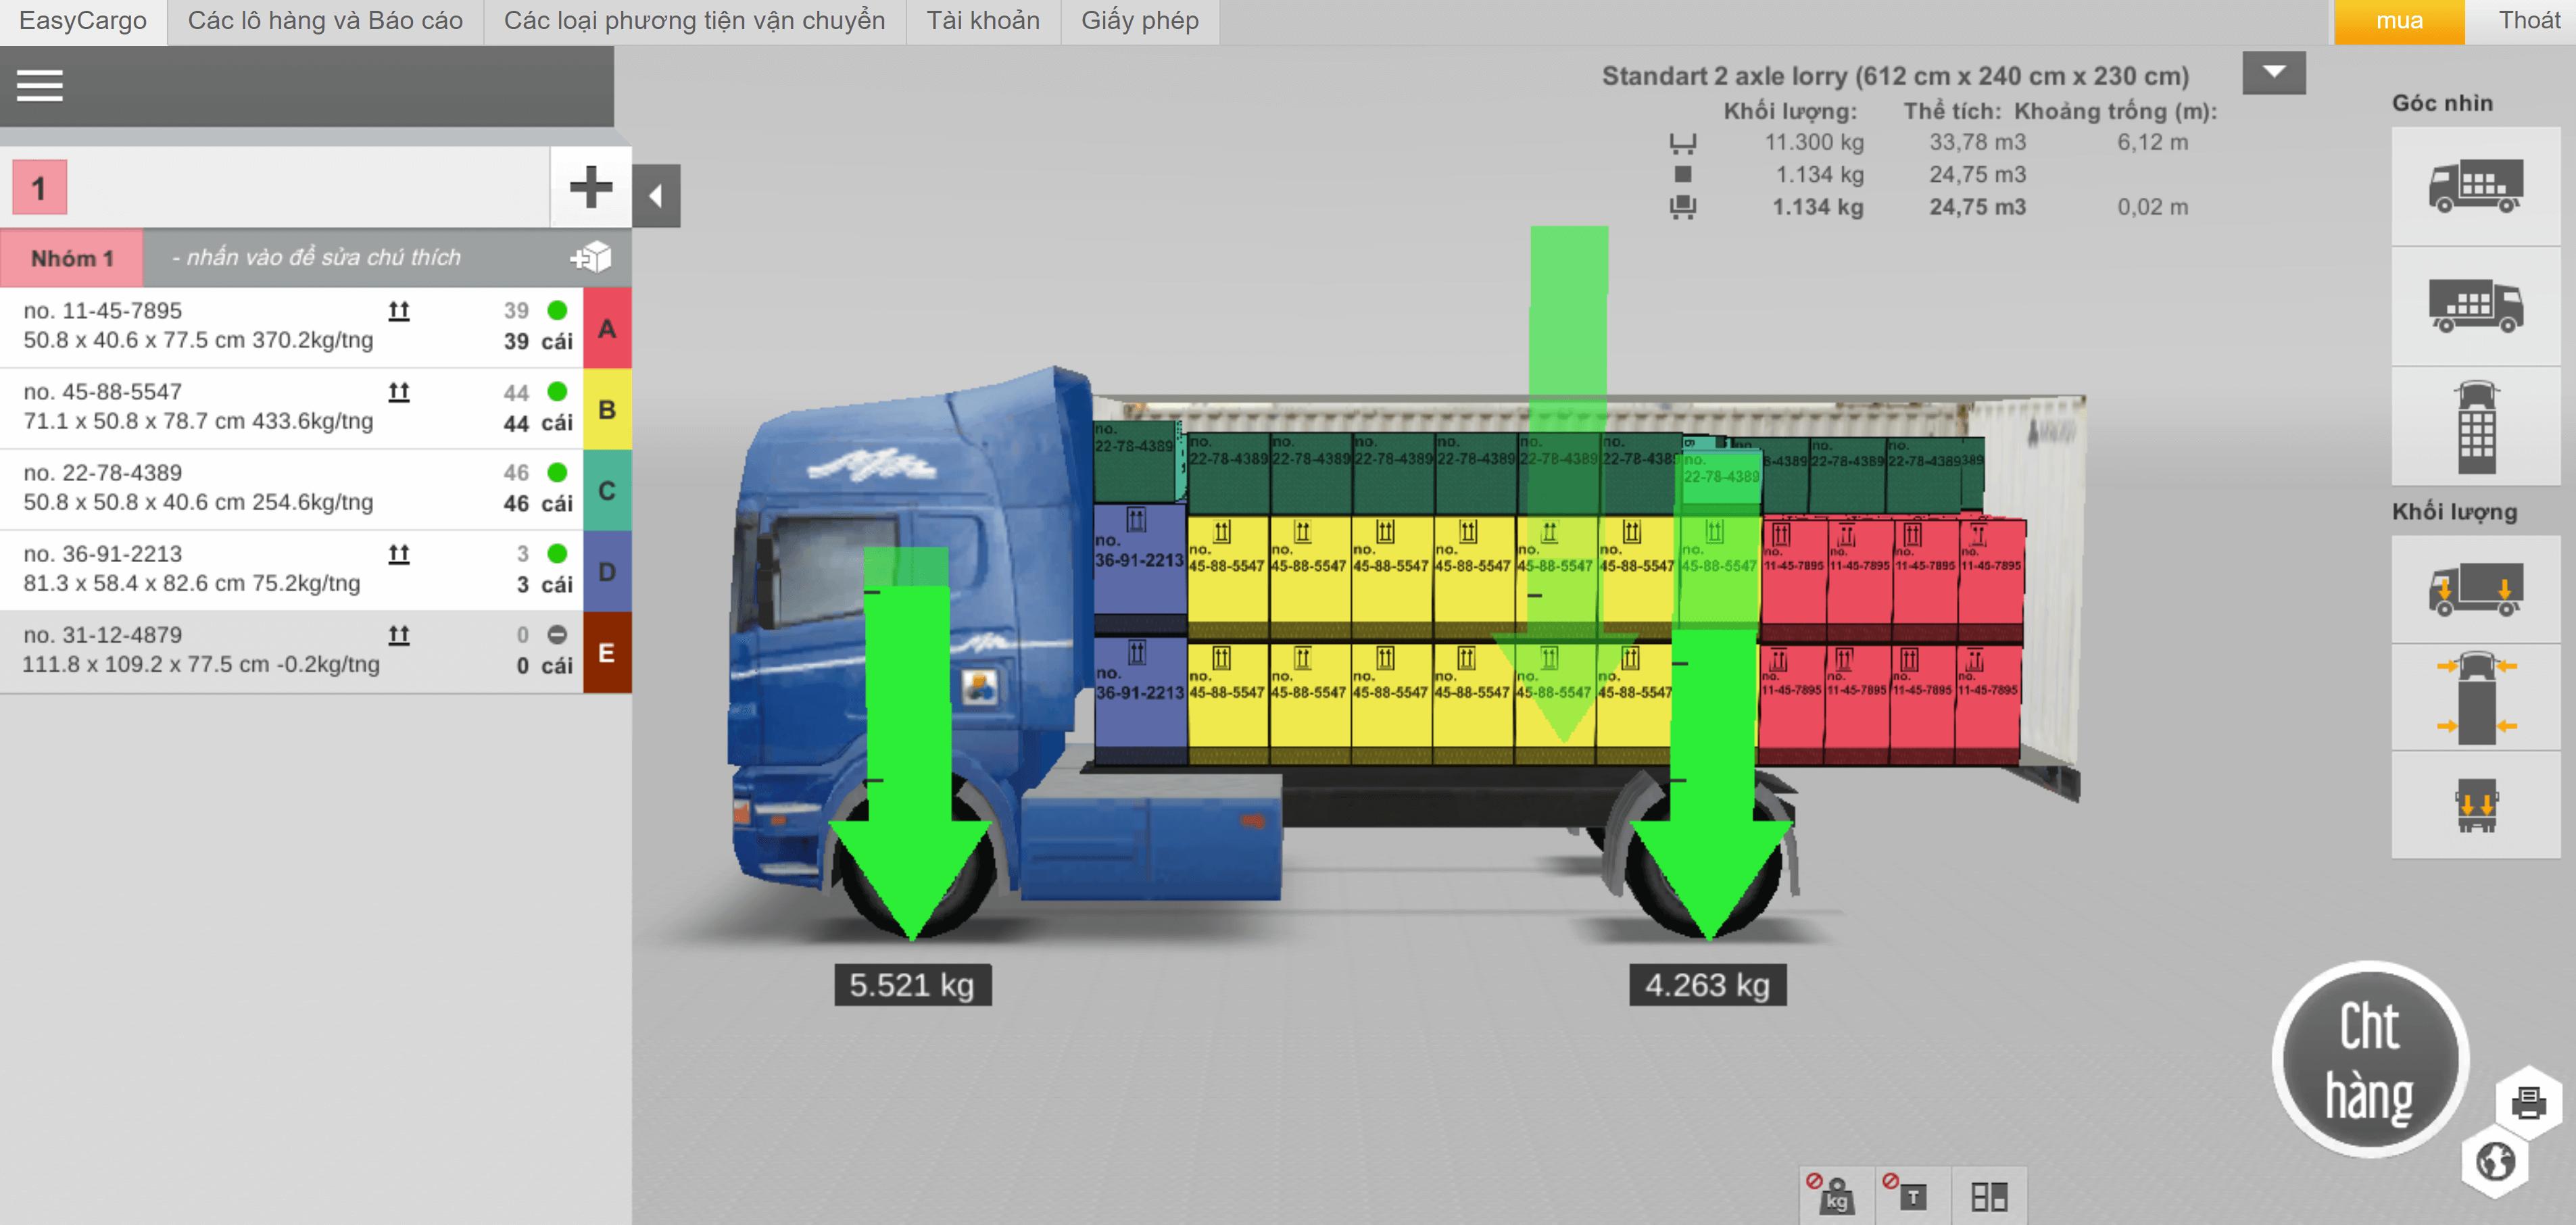 Tính toán tải trọng – hình từ bên hông